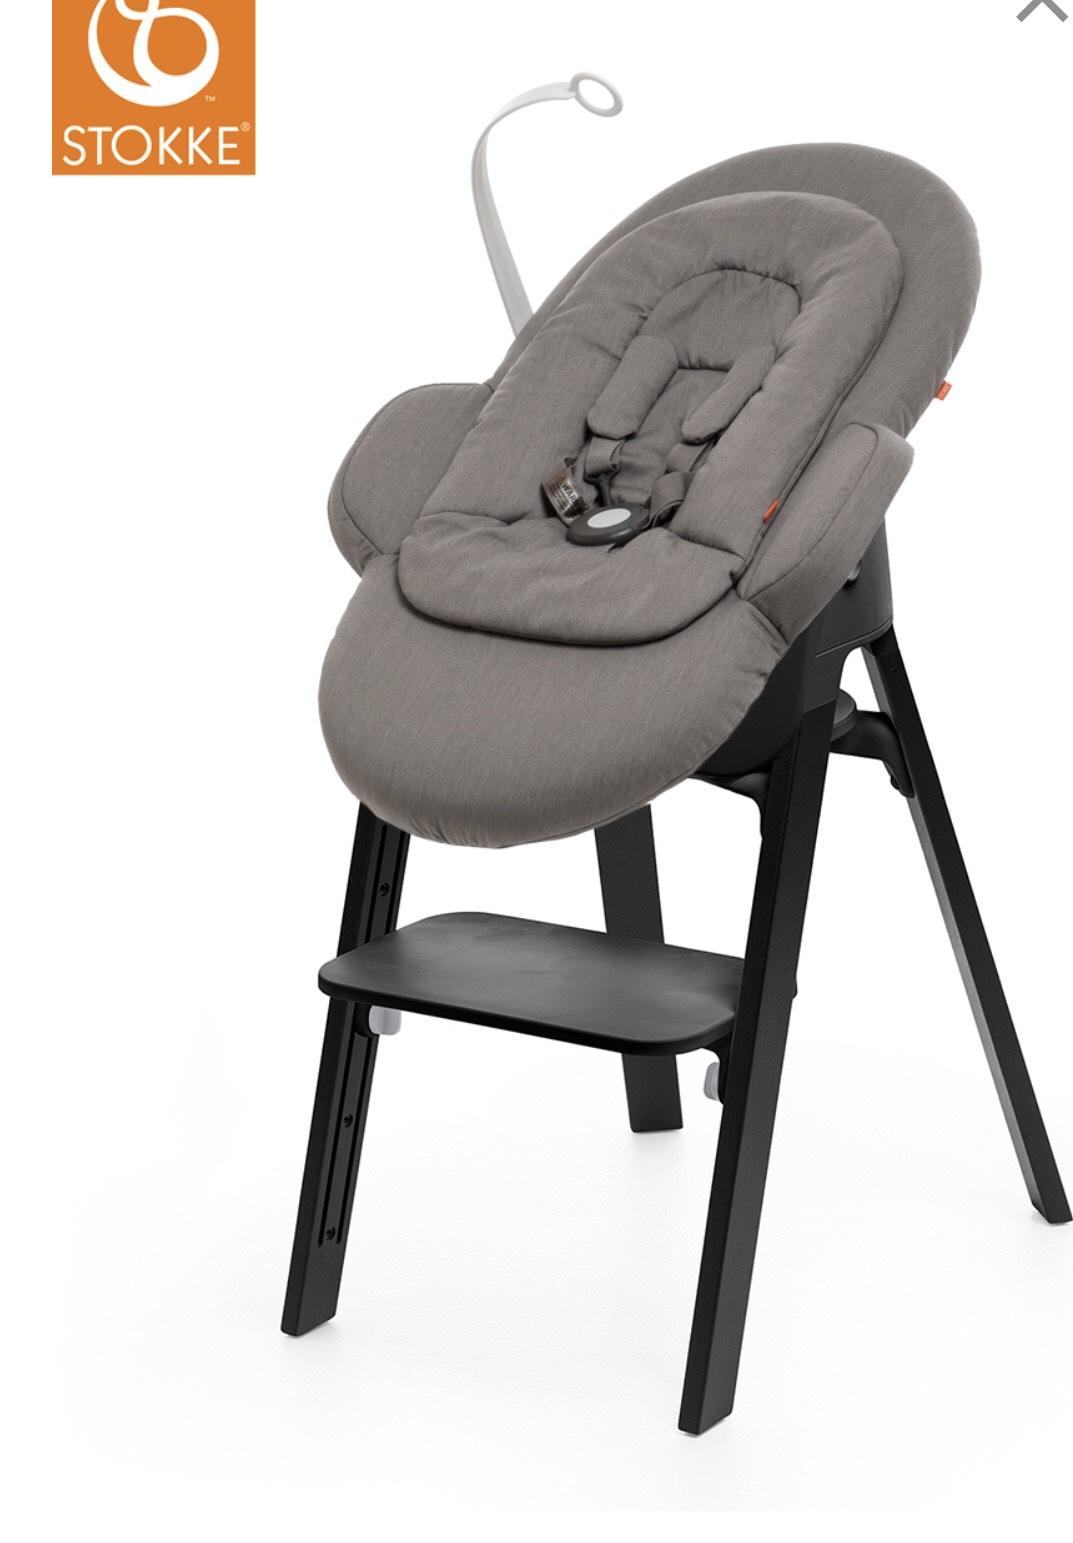 stokke steps hochstuhl schwarz eiche inkl newborn set. Black Bedroom Furniture Sets. Home Design Ideas